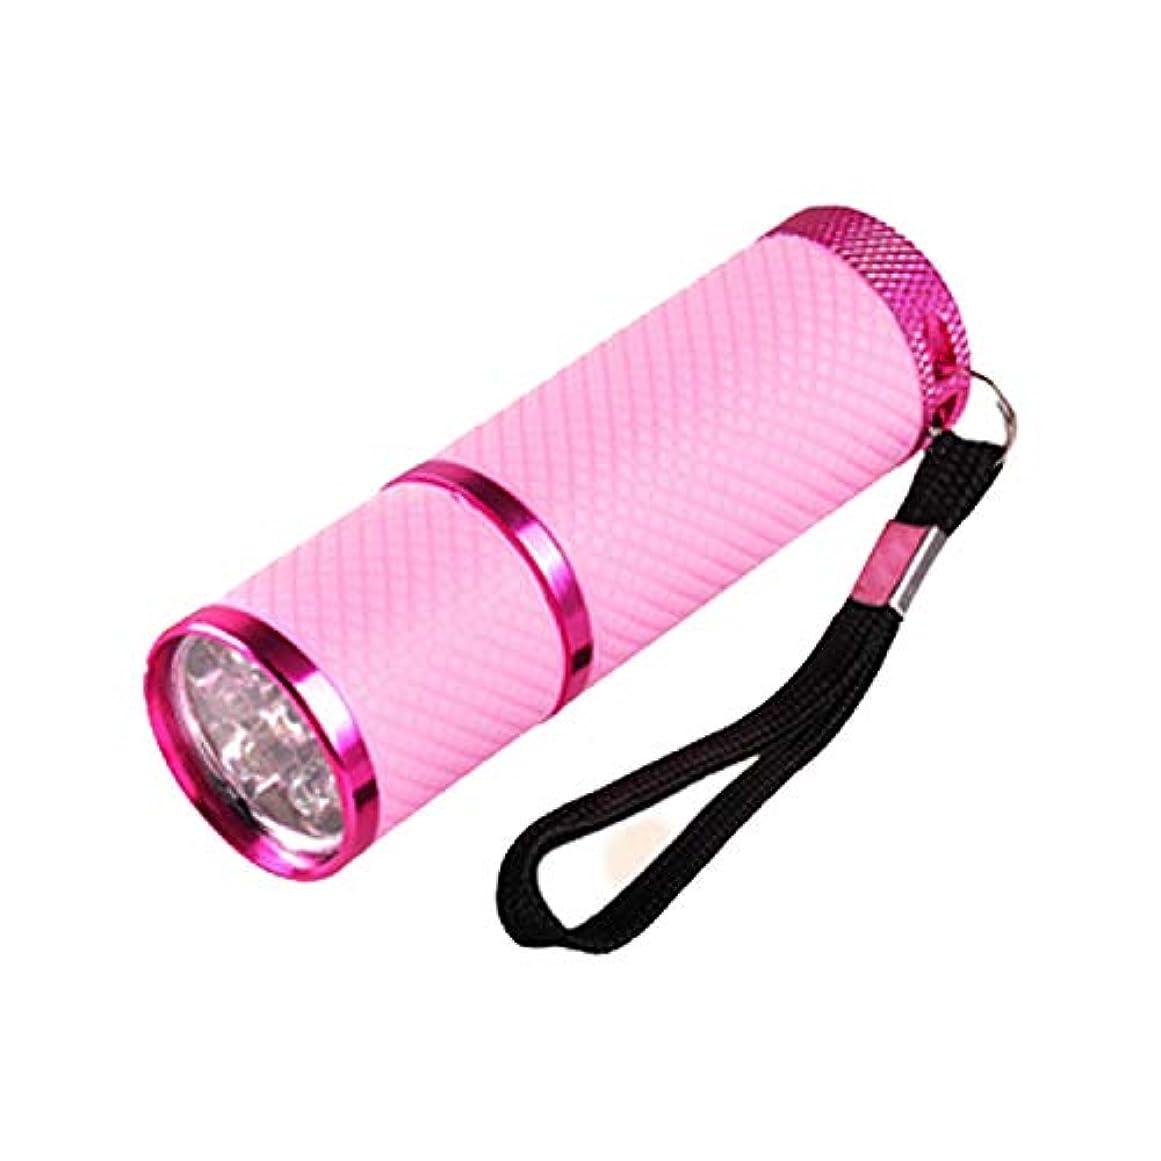 有効な墓大学院ネイル?レジンクラフト LED UVライト ピンク BY-NL550 ネコポス発送 送料無料